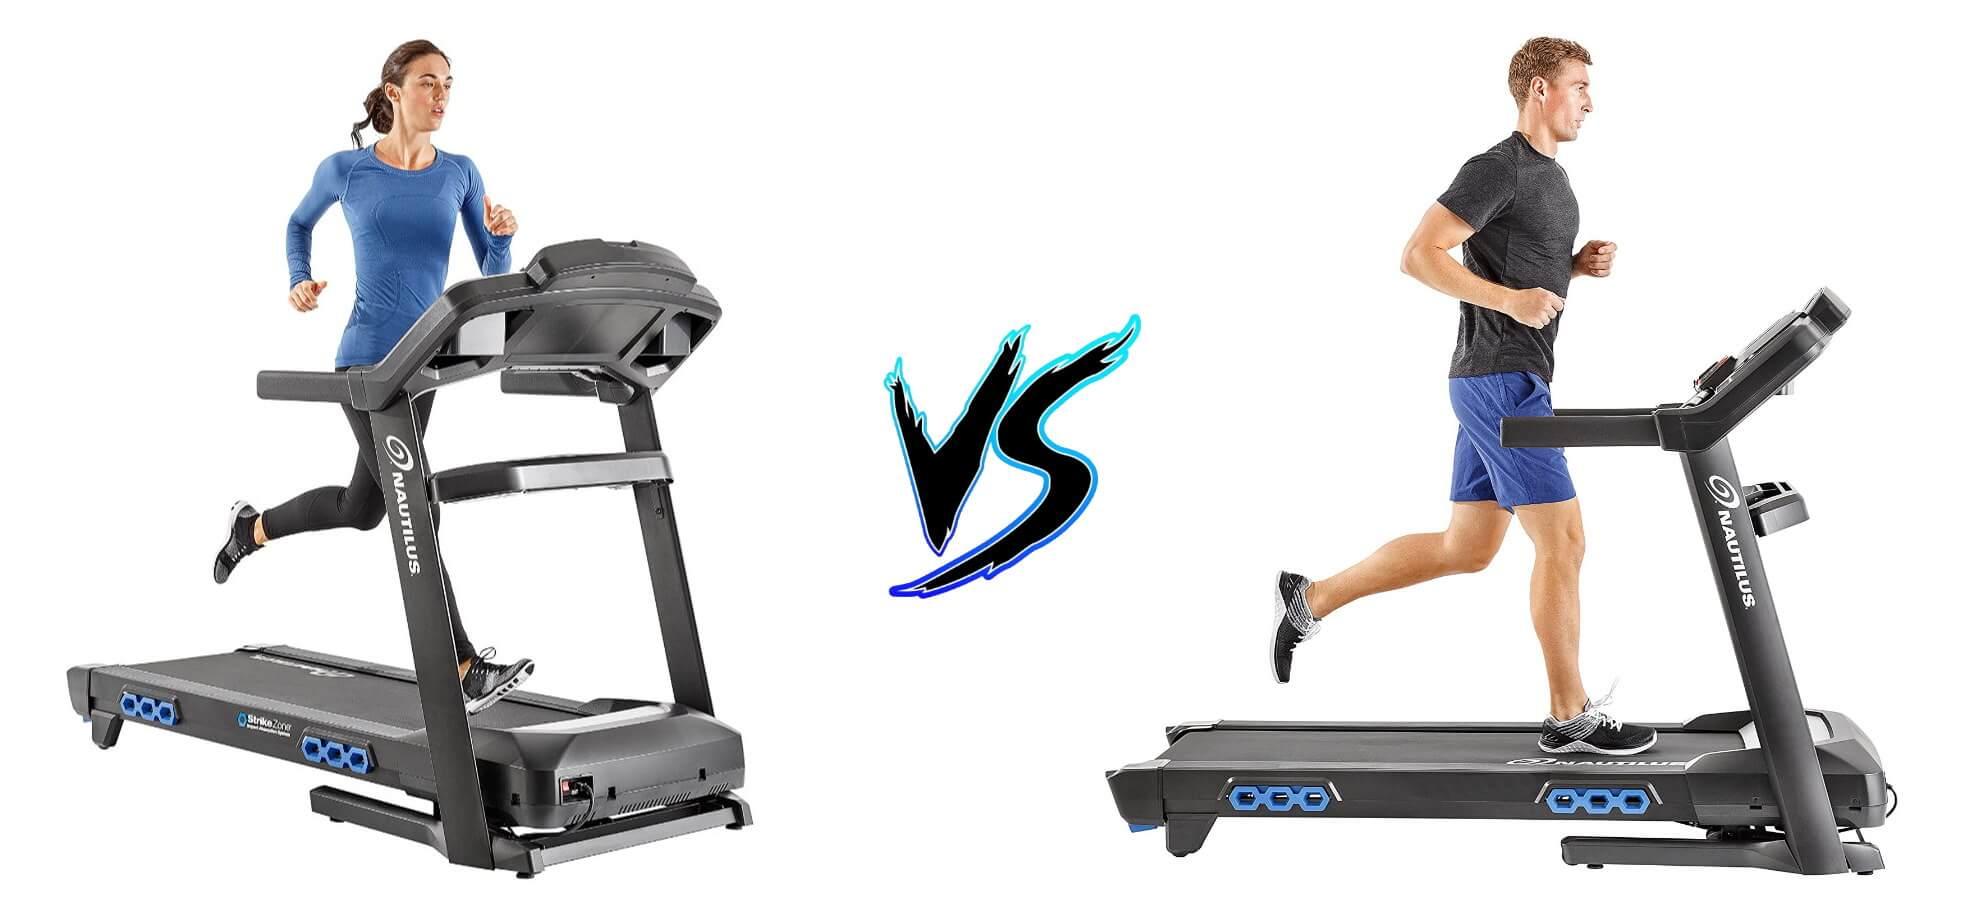 Nautilus T616 vs Nautilus T618 – Treadmill Comparison